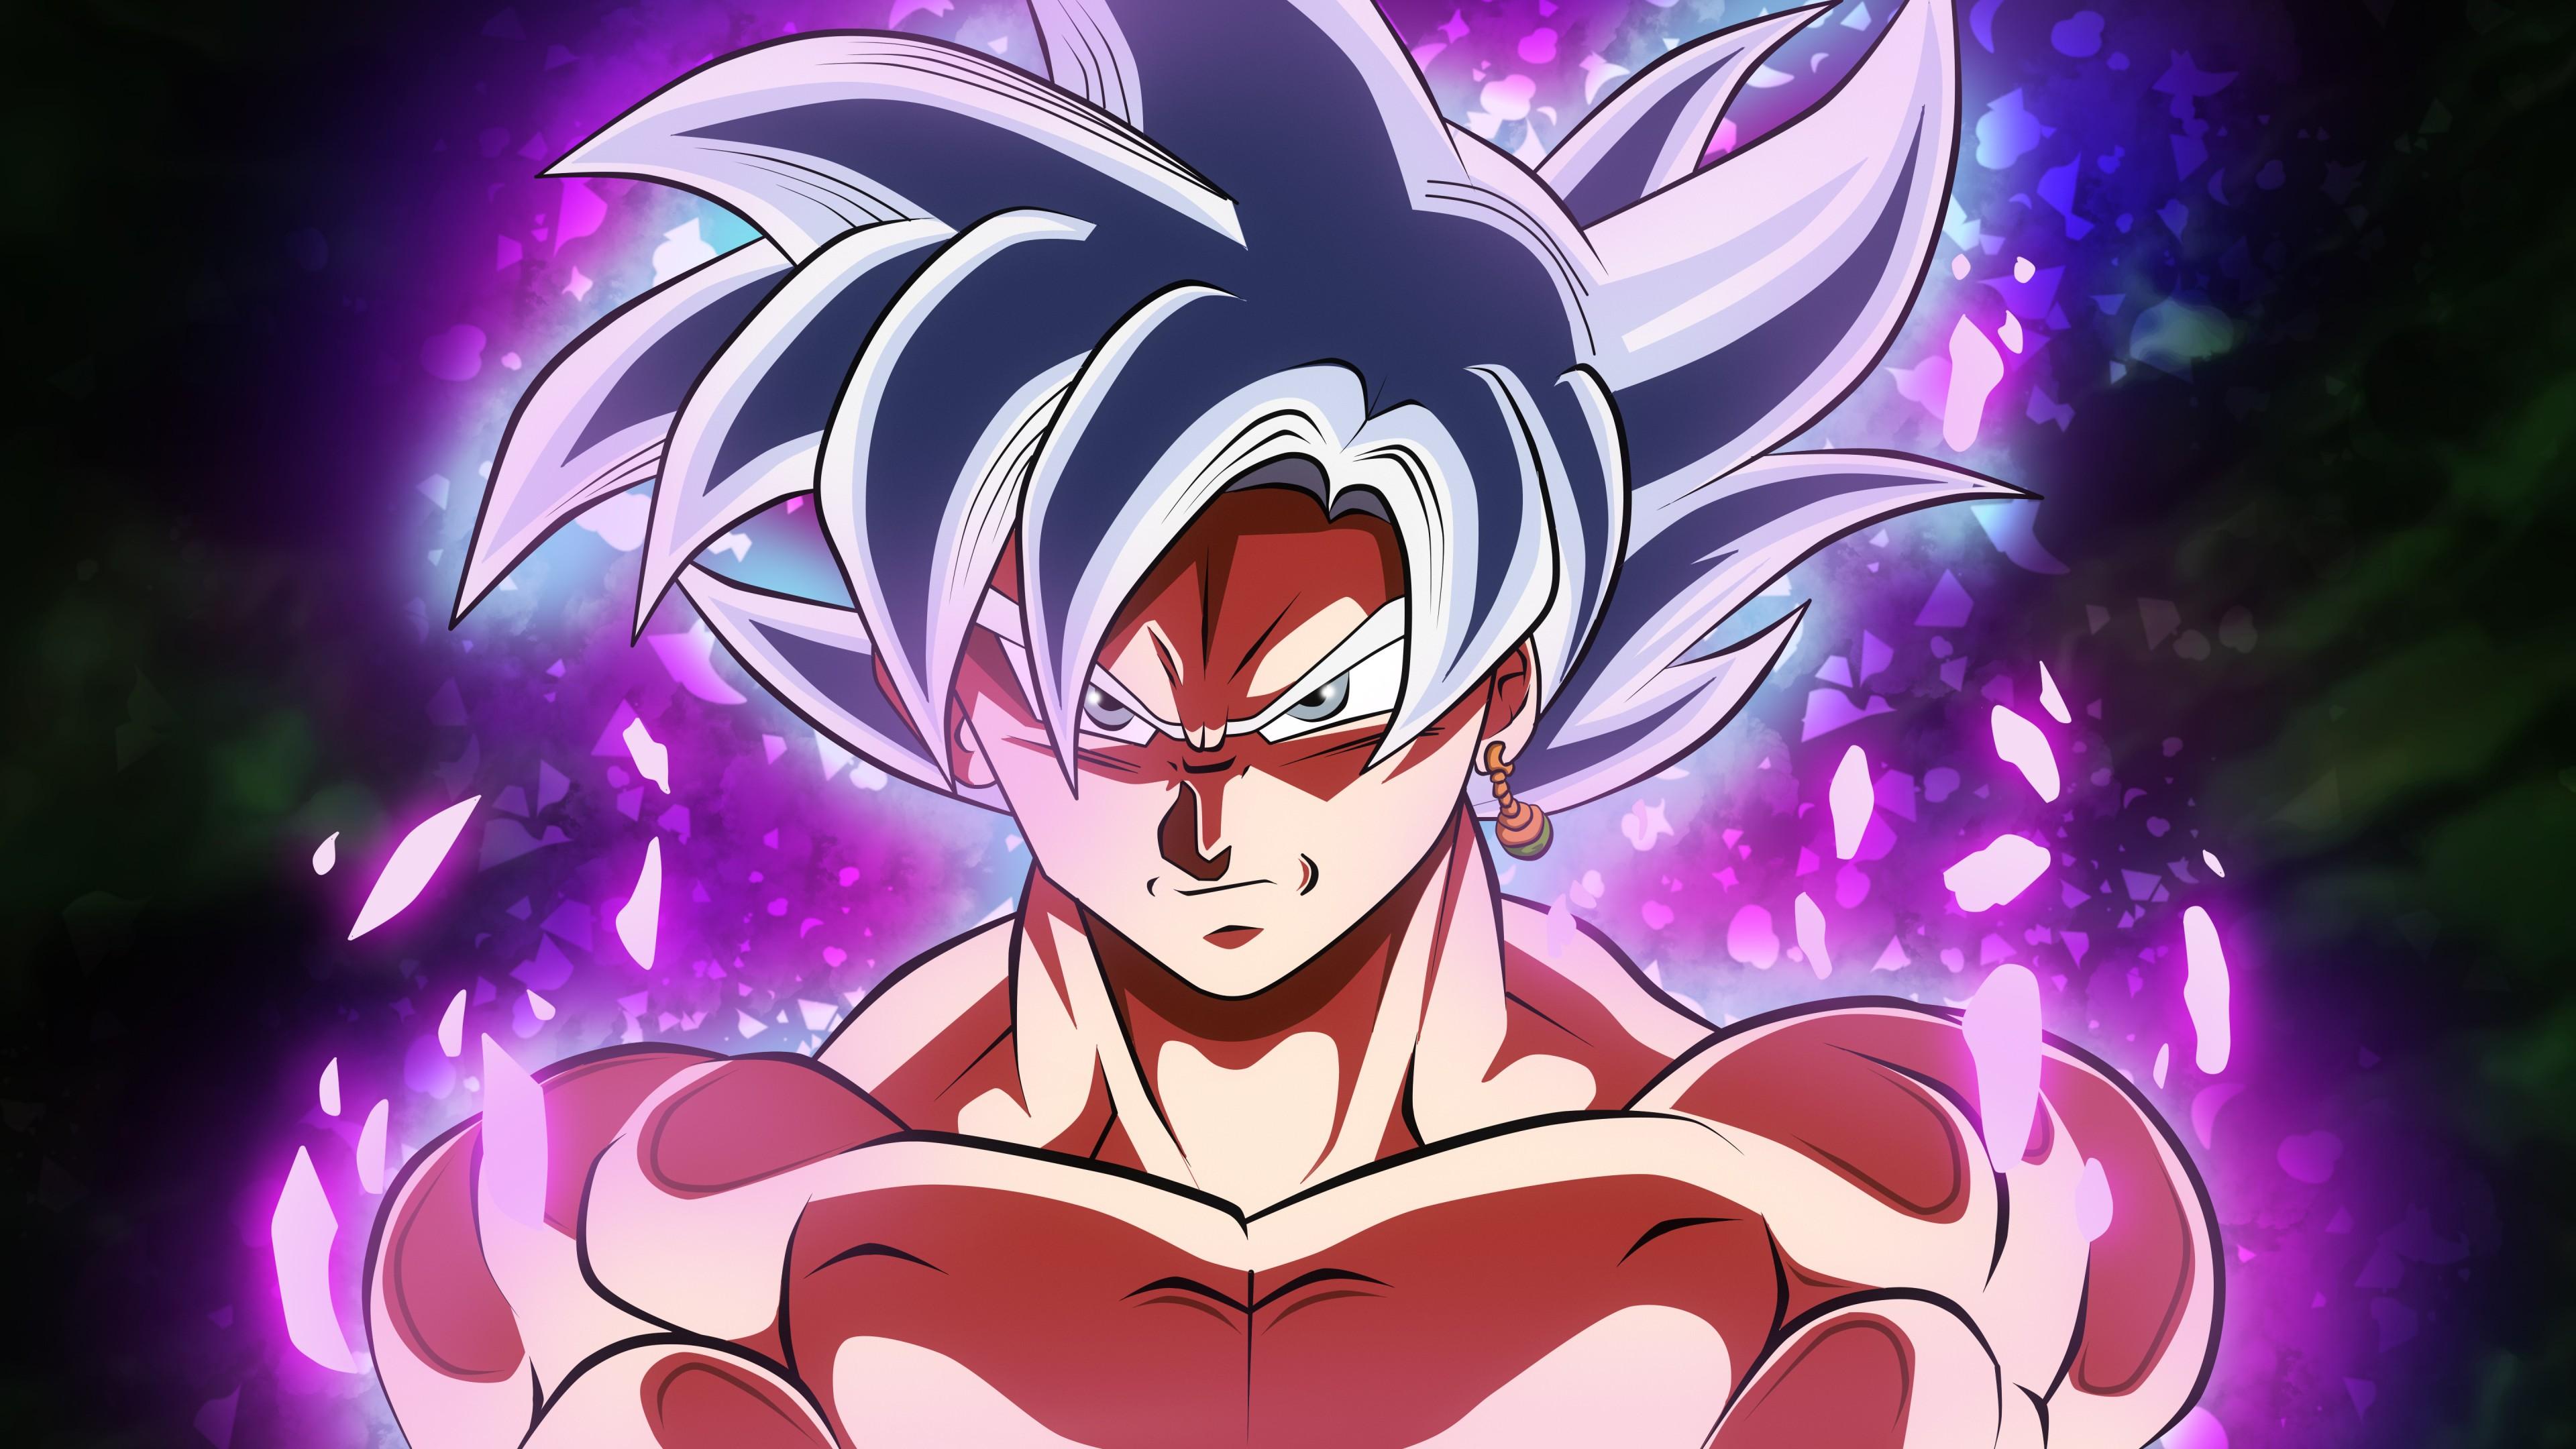 Персонаж Аниме воин с энергетической силой,надменным взглядом, с серьгой в ухе